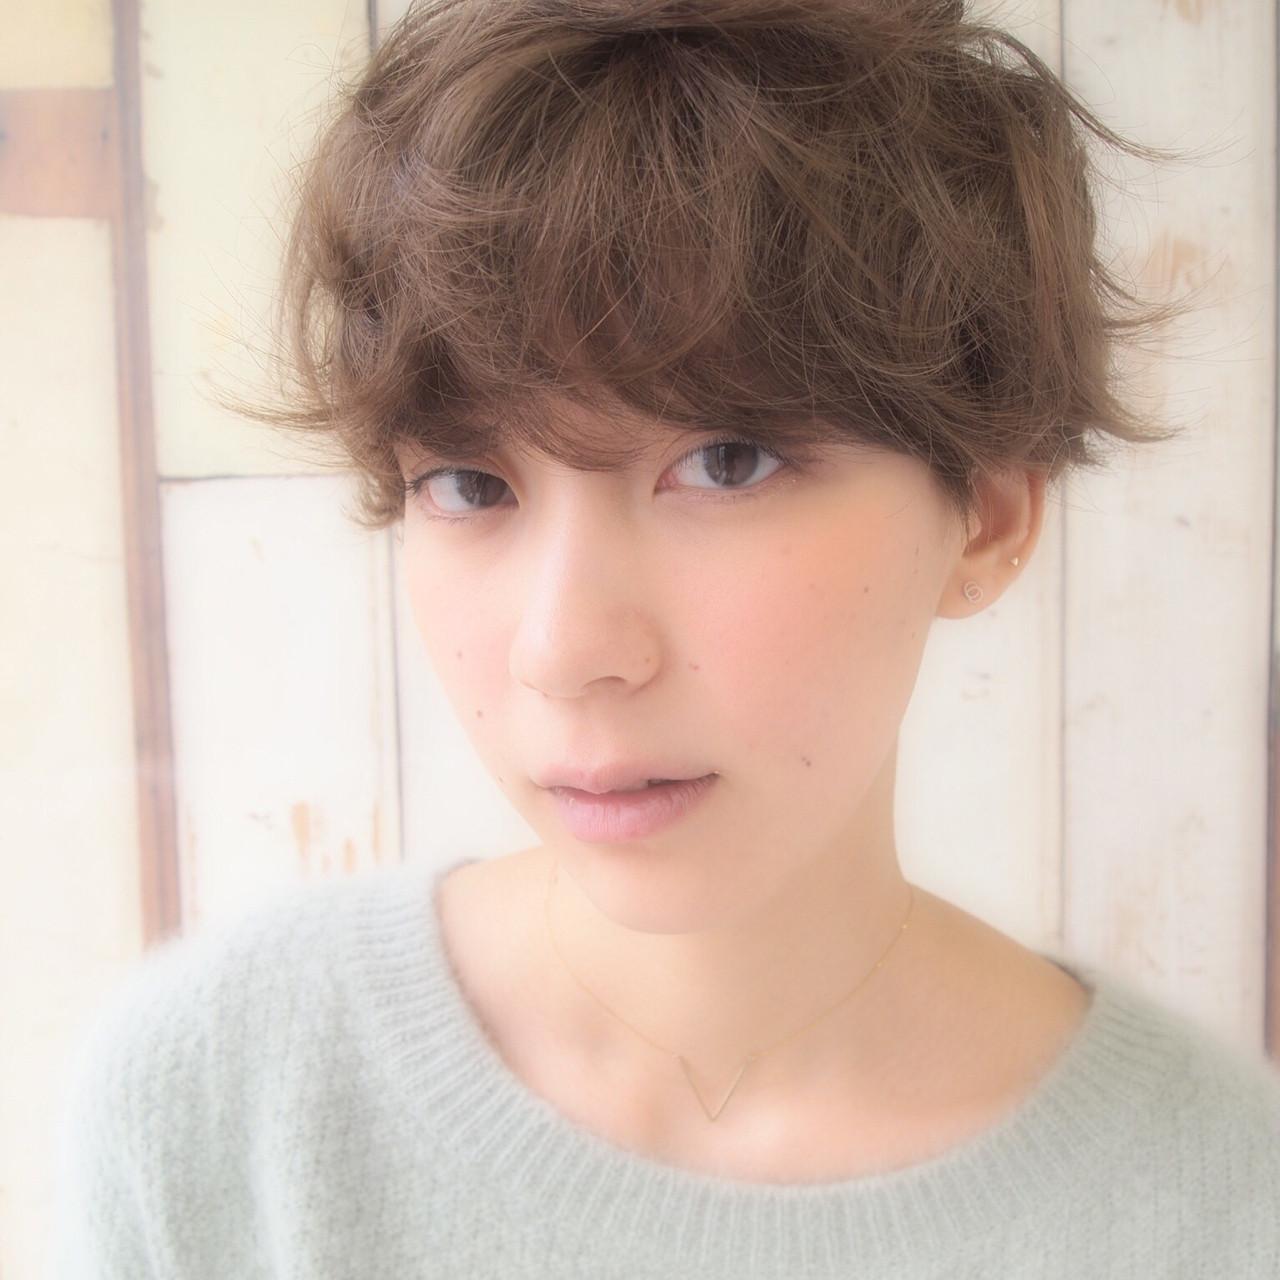 くせ毛風 ナチュラル マッシュ 外国人風 ヘアスタイルや髪型の写真・画像